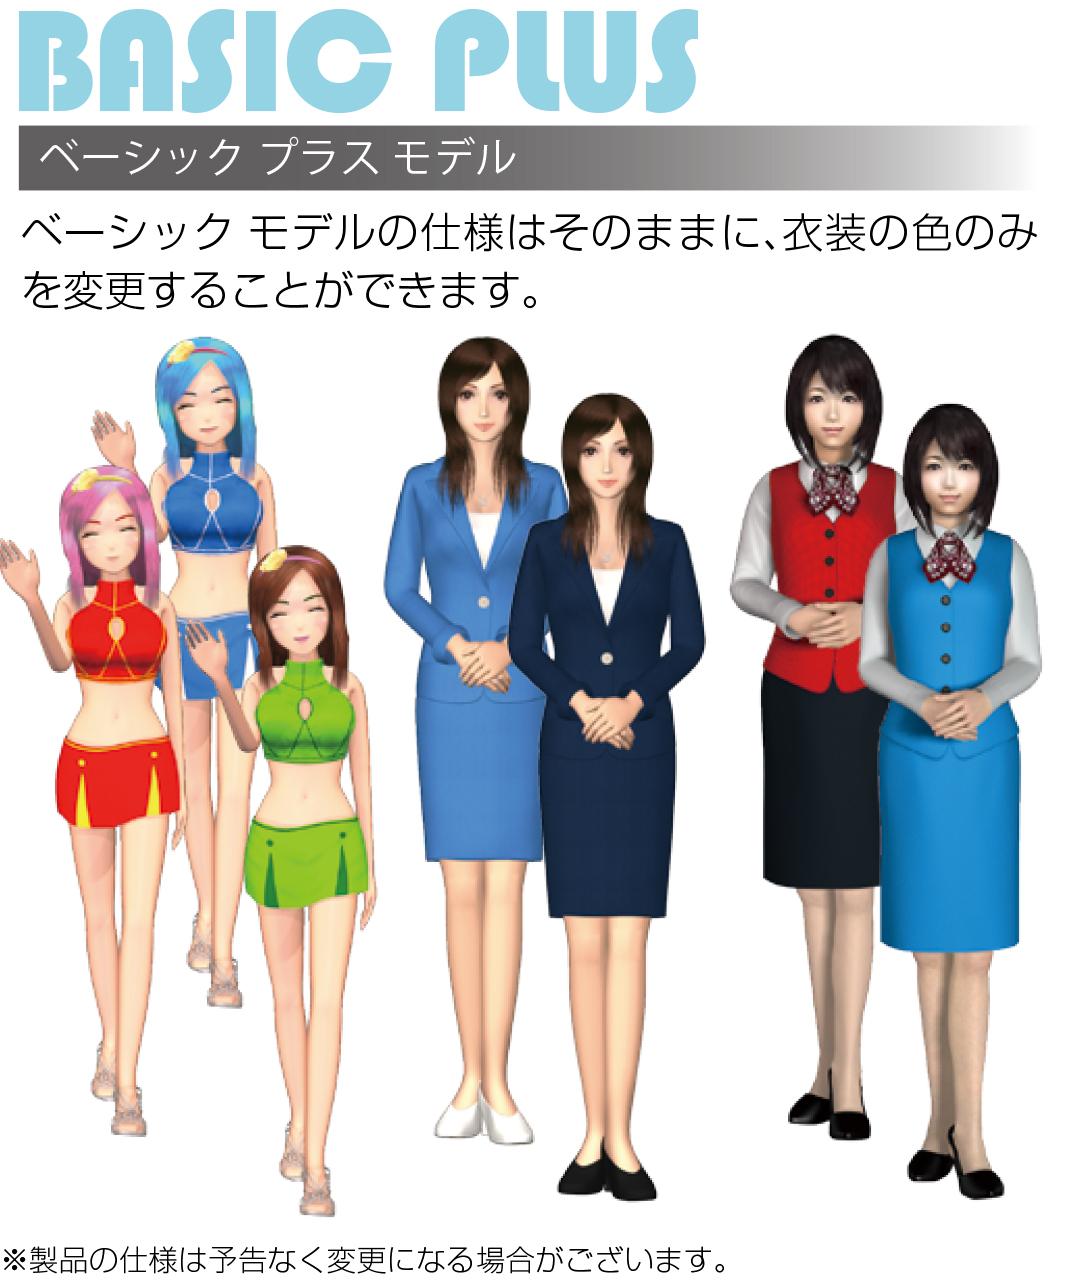 BASIC PLUS ベーシック プラス モデル ベーシック モデルの仕様はそのままに、衣装の色のみを変更することができます。